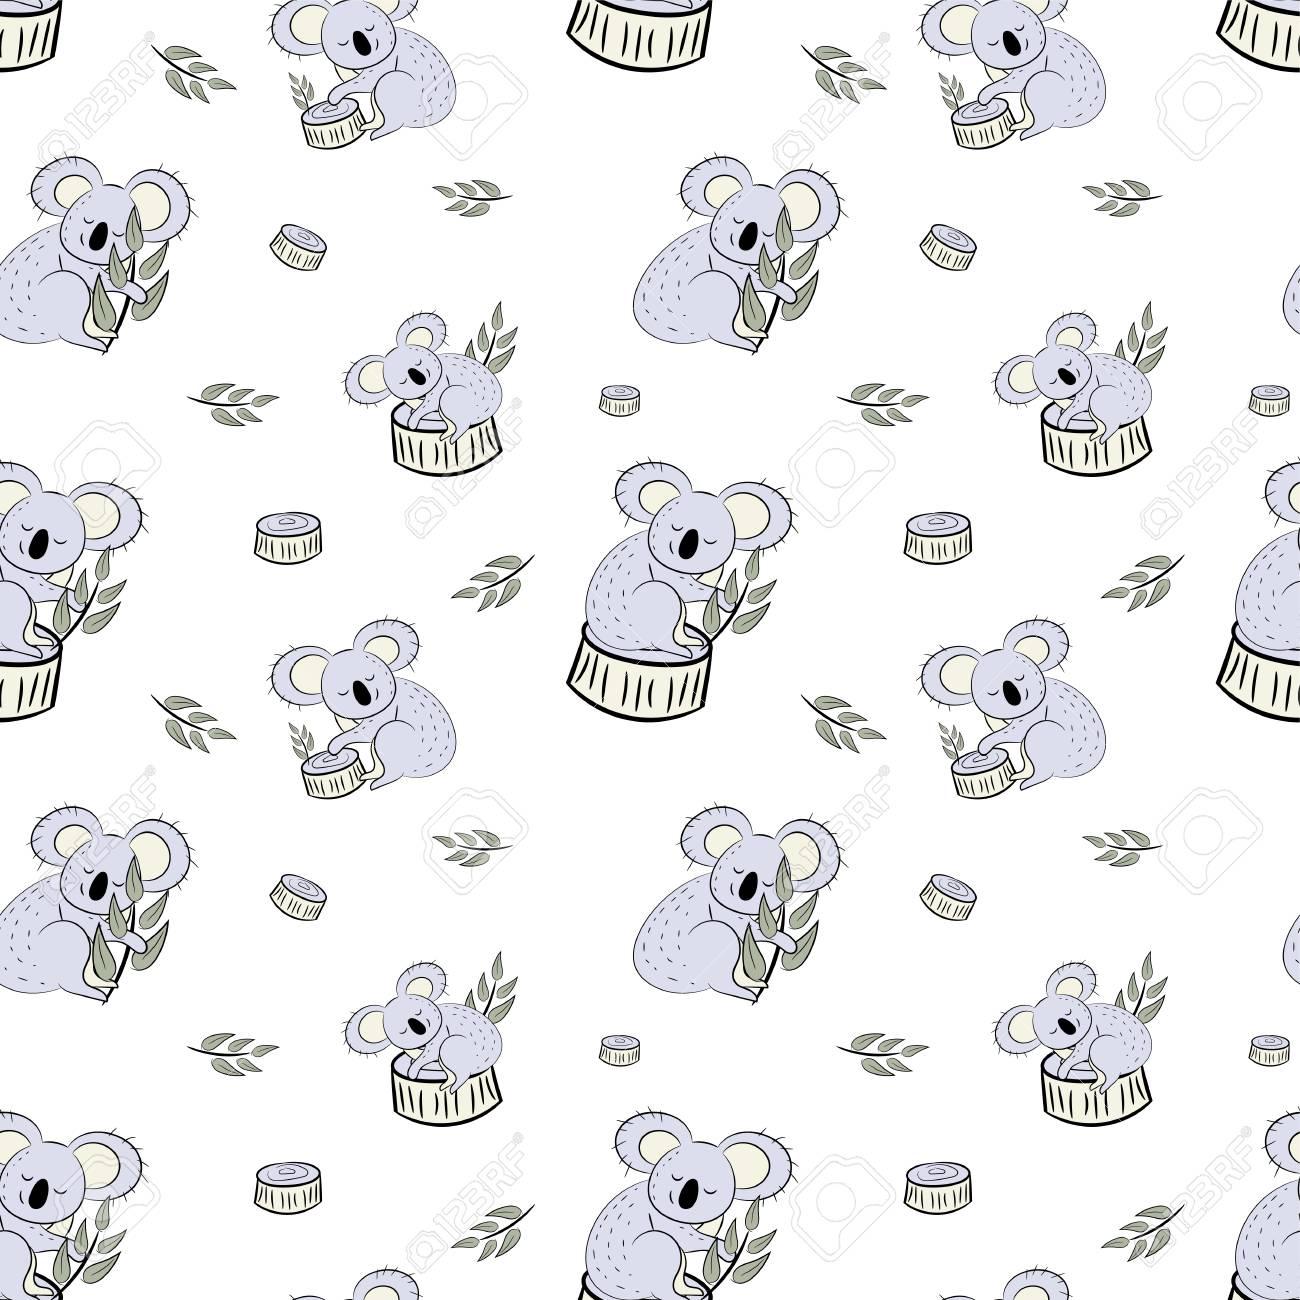 Ours Mignon Koala Doodle Modele Sans Couture Fond De Vecteur Avec Des Koalas Peut Etre Utilise Pour Le Textile De Bebe Tshirt Fonds D Ecran